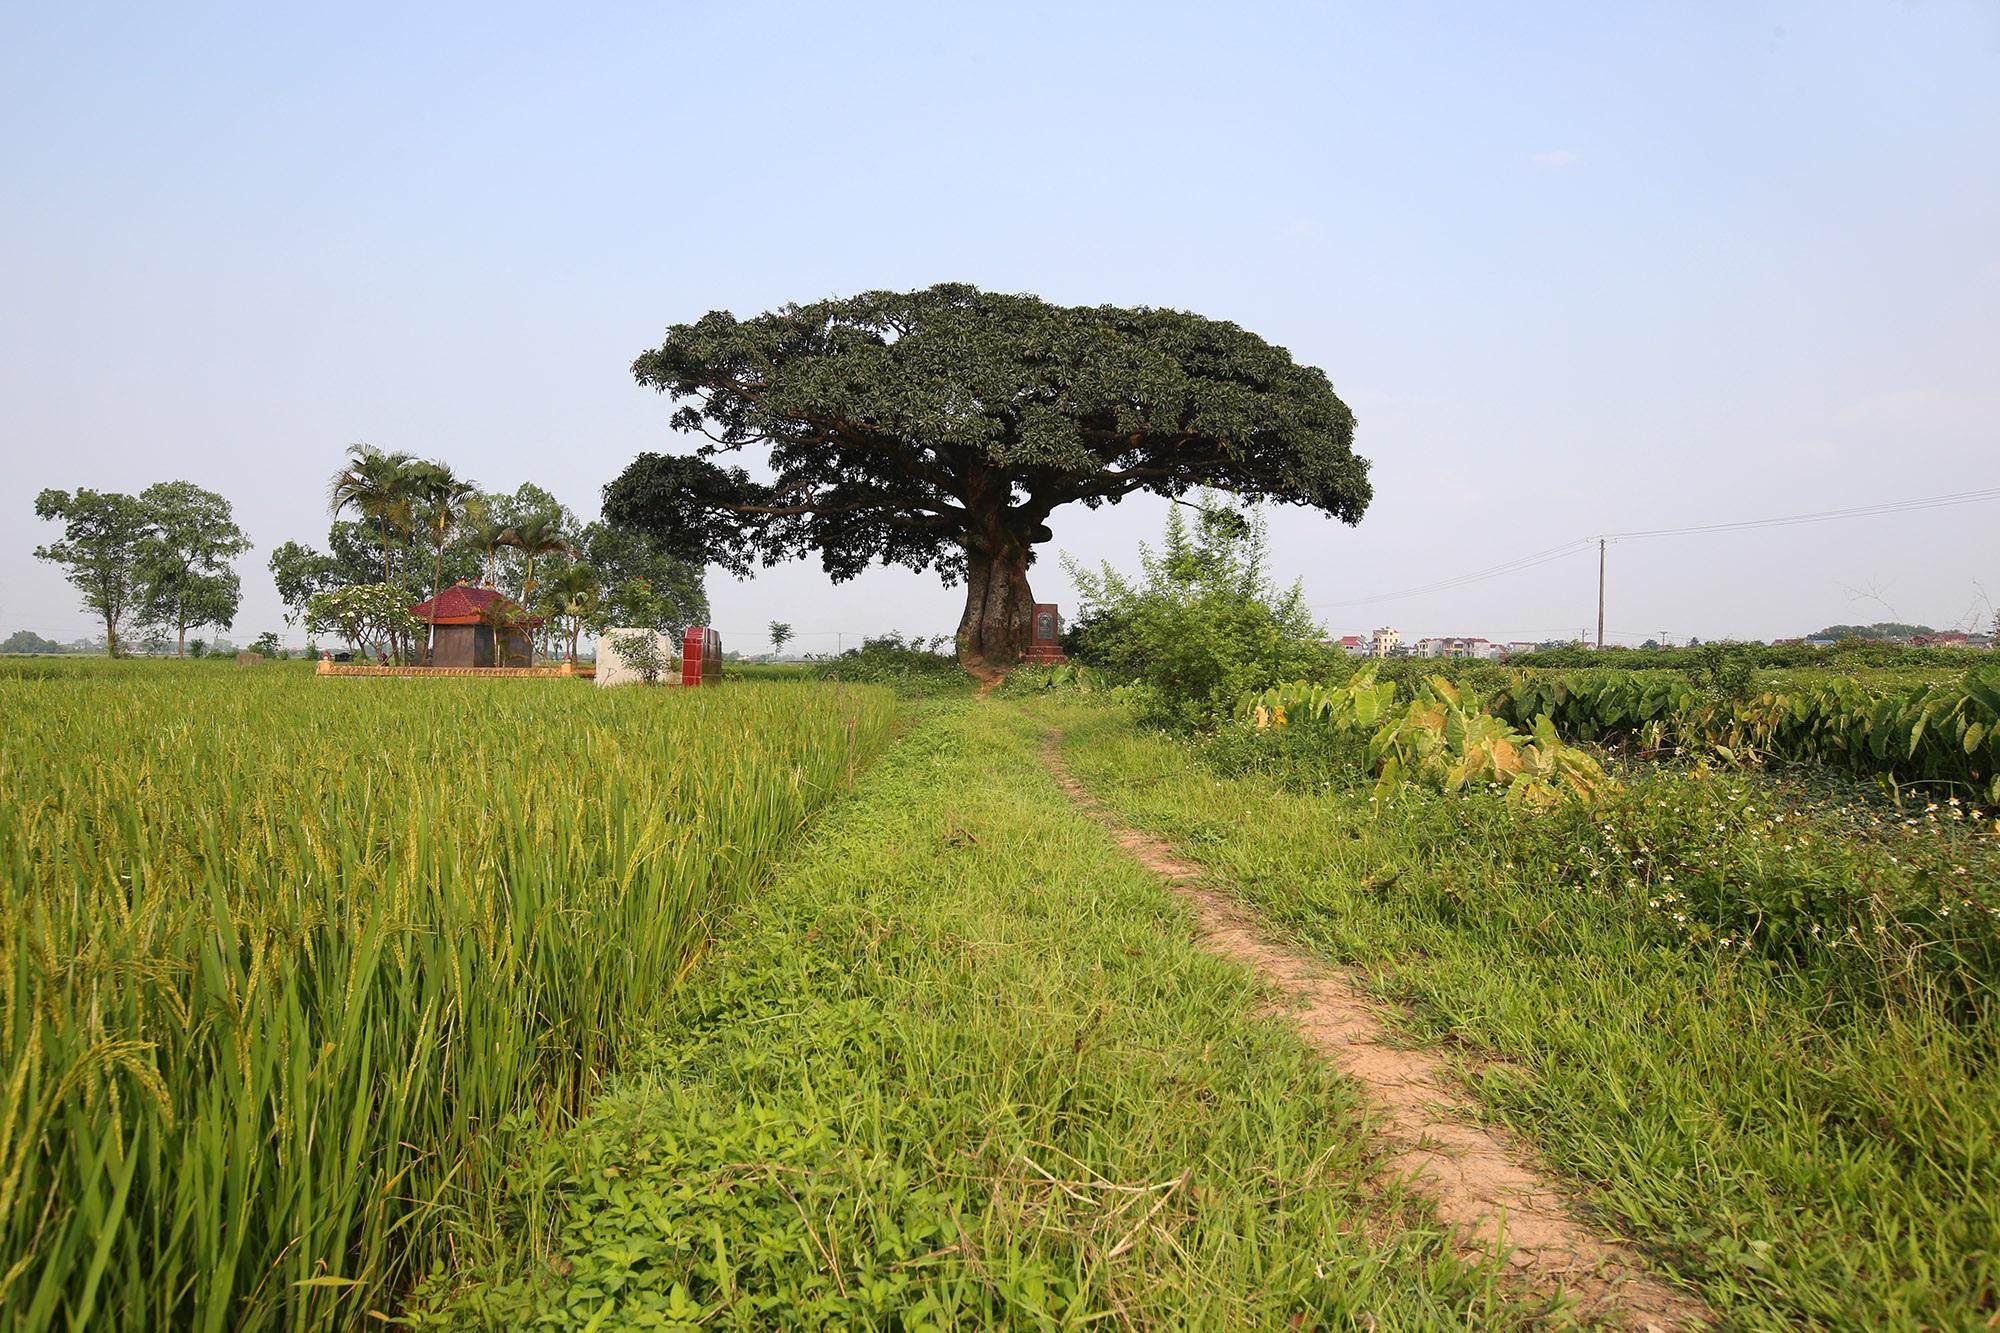 Hà Nội: Cây trôi cô đơn nghìn năm tuổi, báu vật của làng Bình Đà - 1